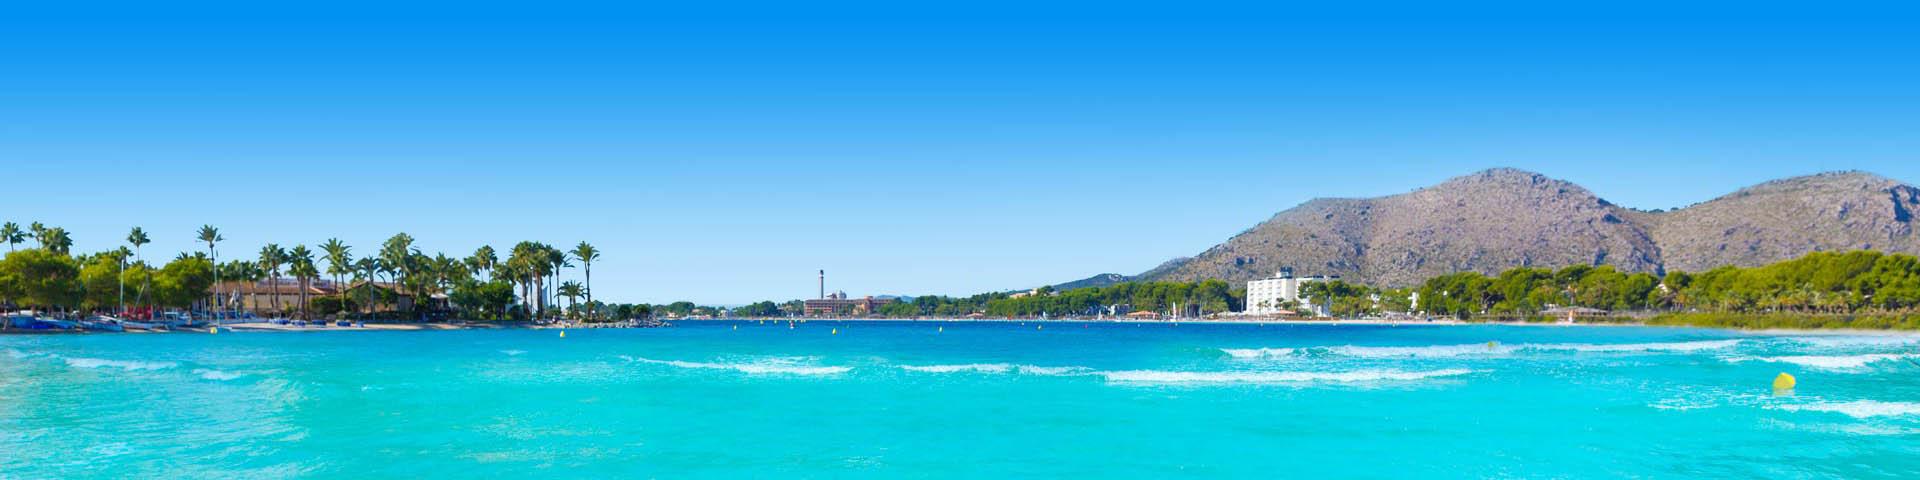 Blauwe zee met bergen op de achtergrond in Spanje